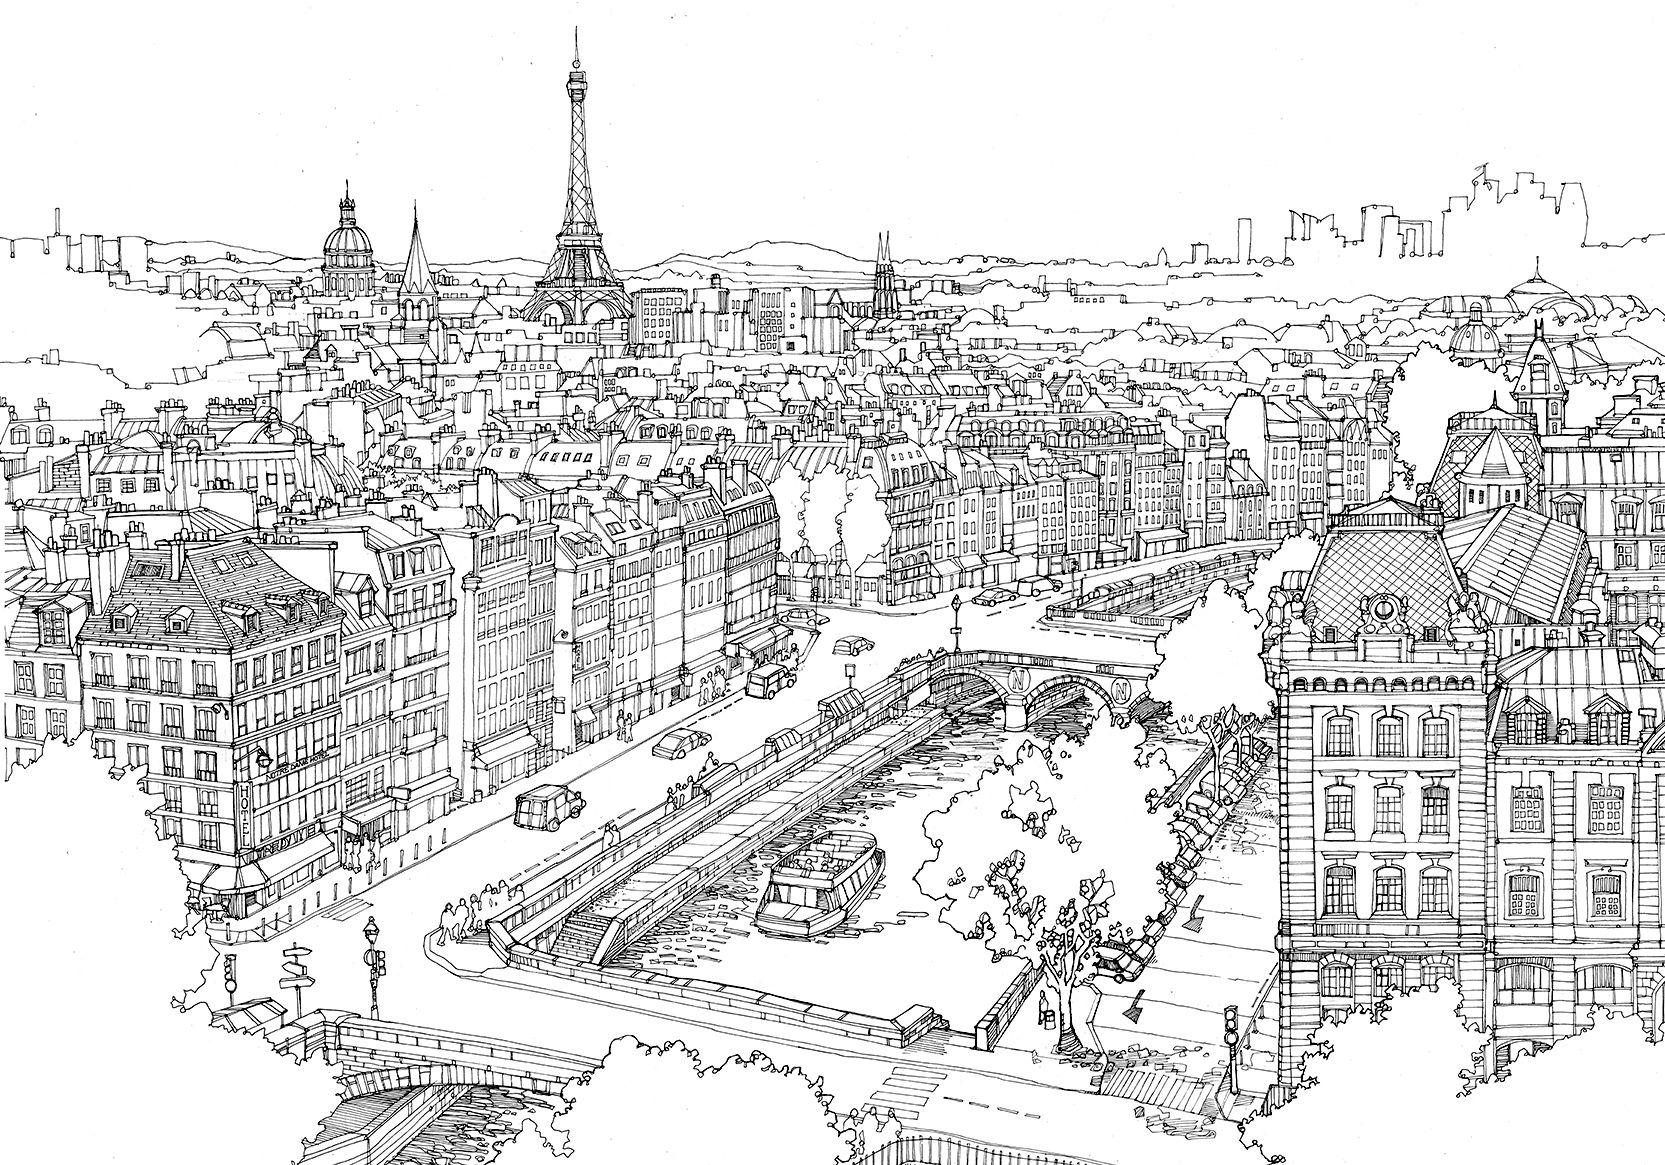 Meilleur De Coloriage Monuments De Paris A Imprimer Meilleur